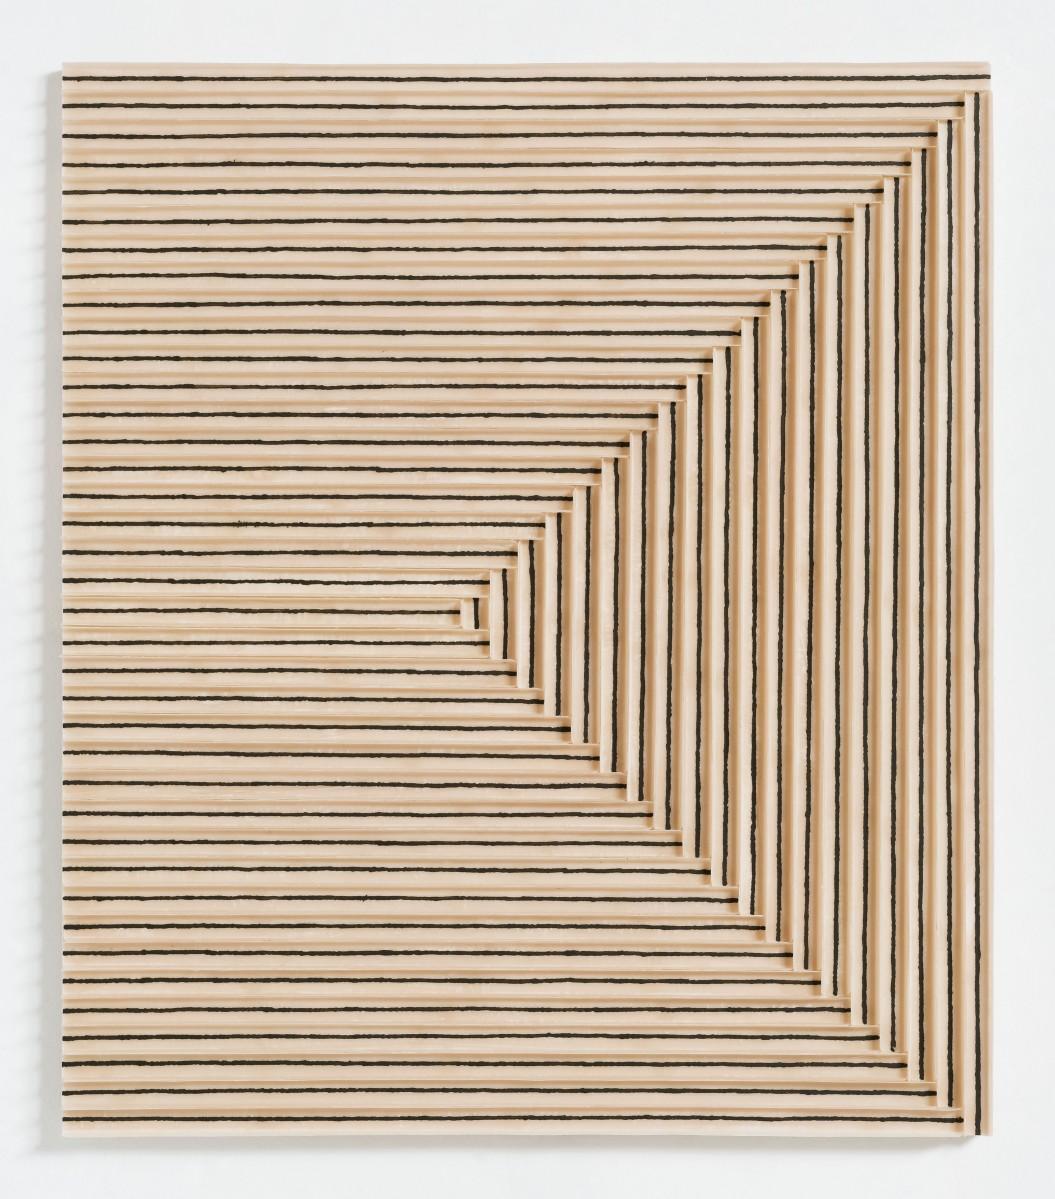 """TchunMo Nam, """"Beam_stroke"""", mixed media on canvas, 2015, courtesy: AANDO FINE ART"""